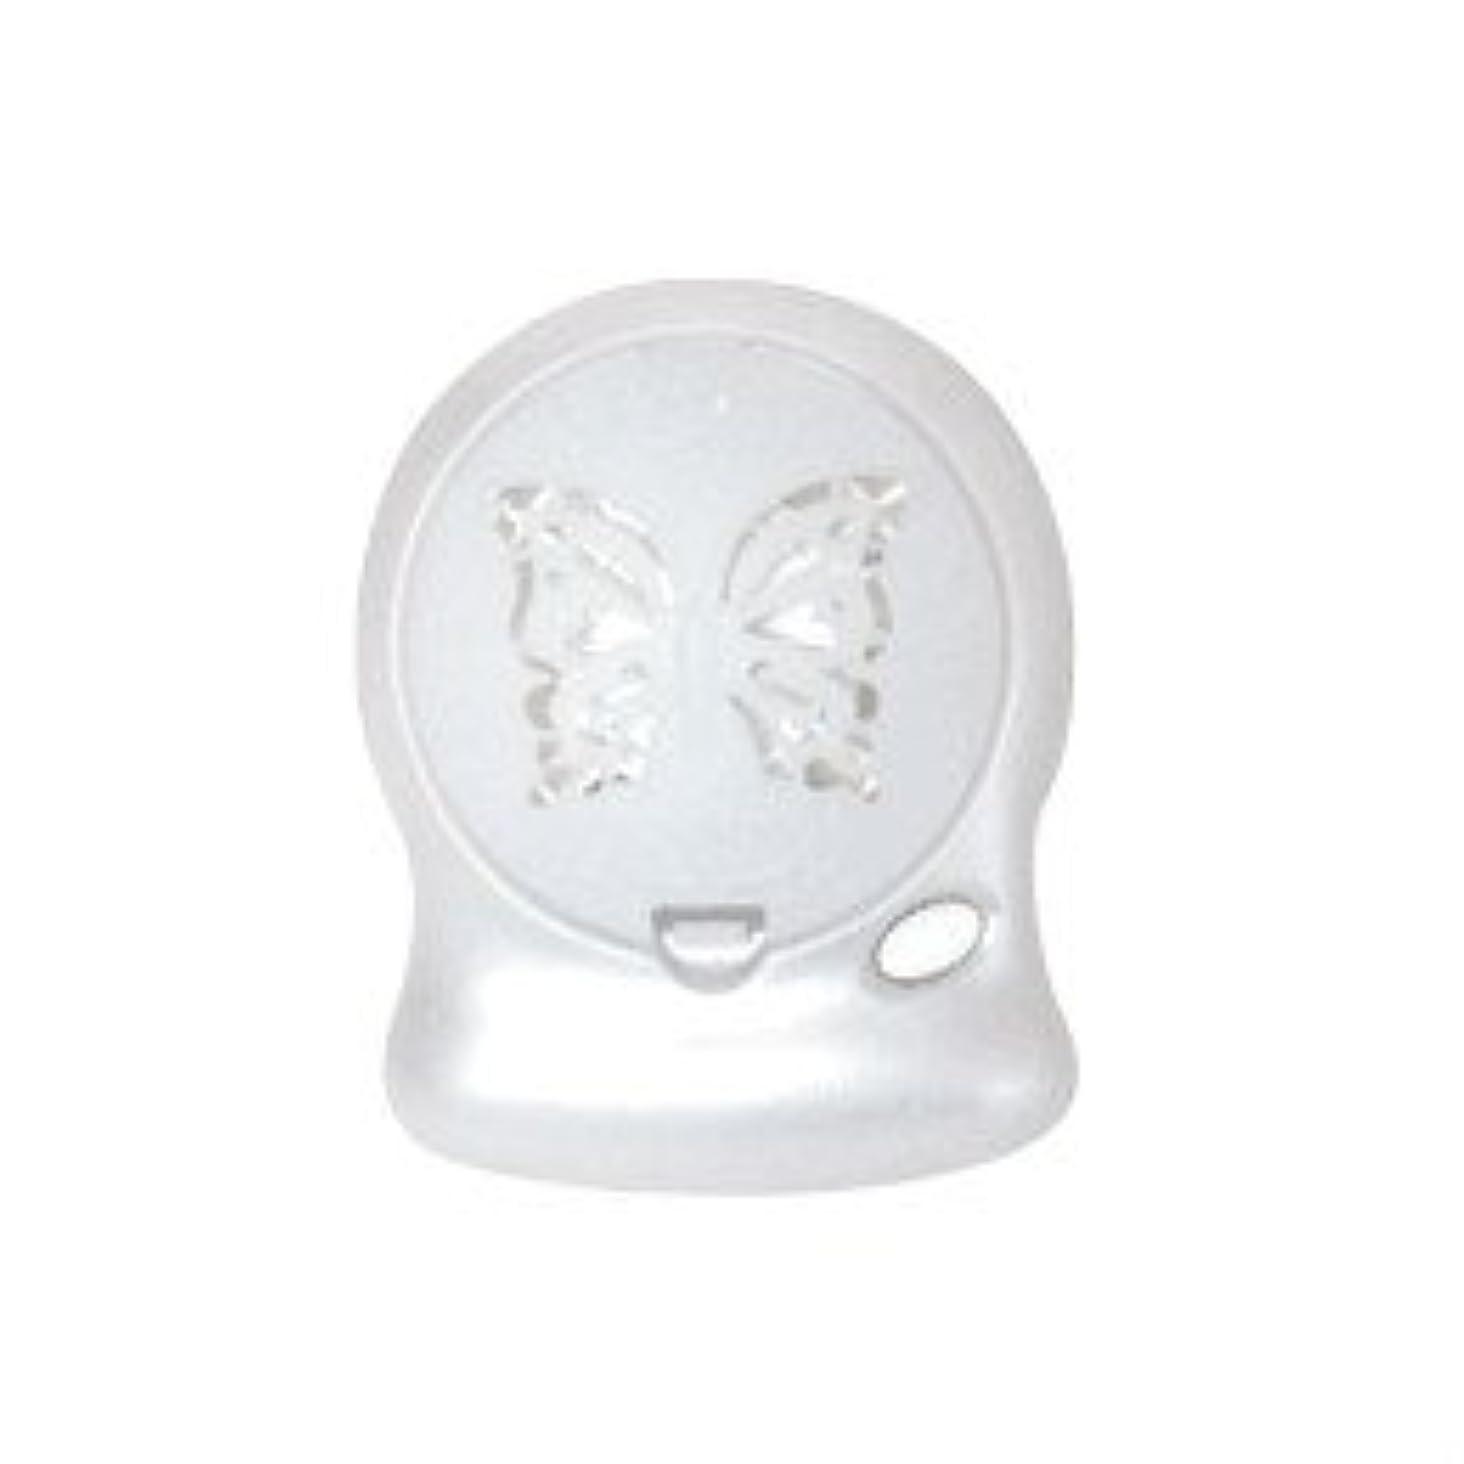 ブロー広大なジャングルアロマブリーズ Nova Jill (蝶柄) ホワイト モバイルファン式芳香器